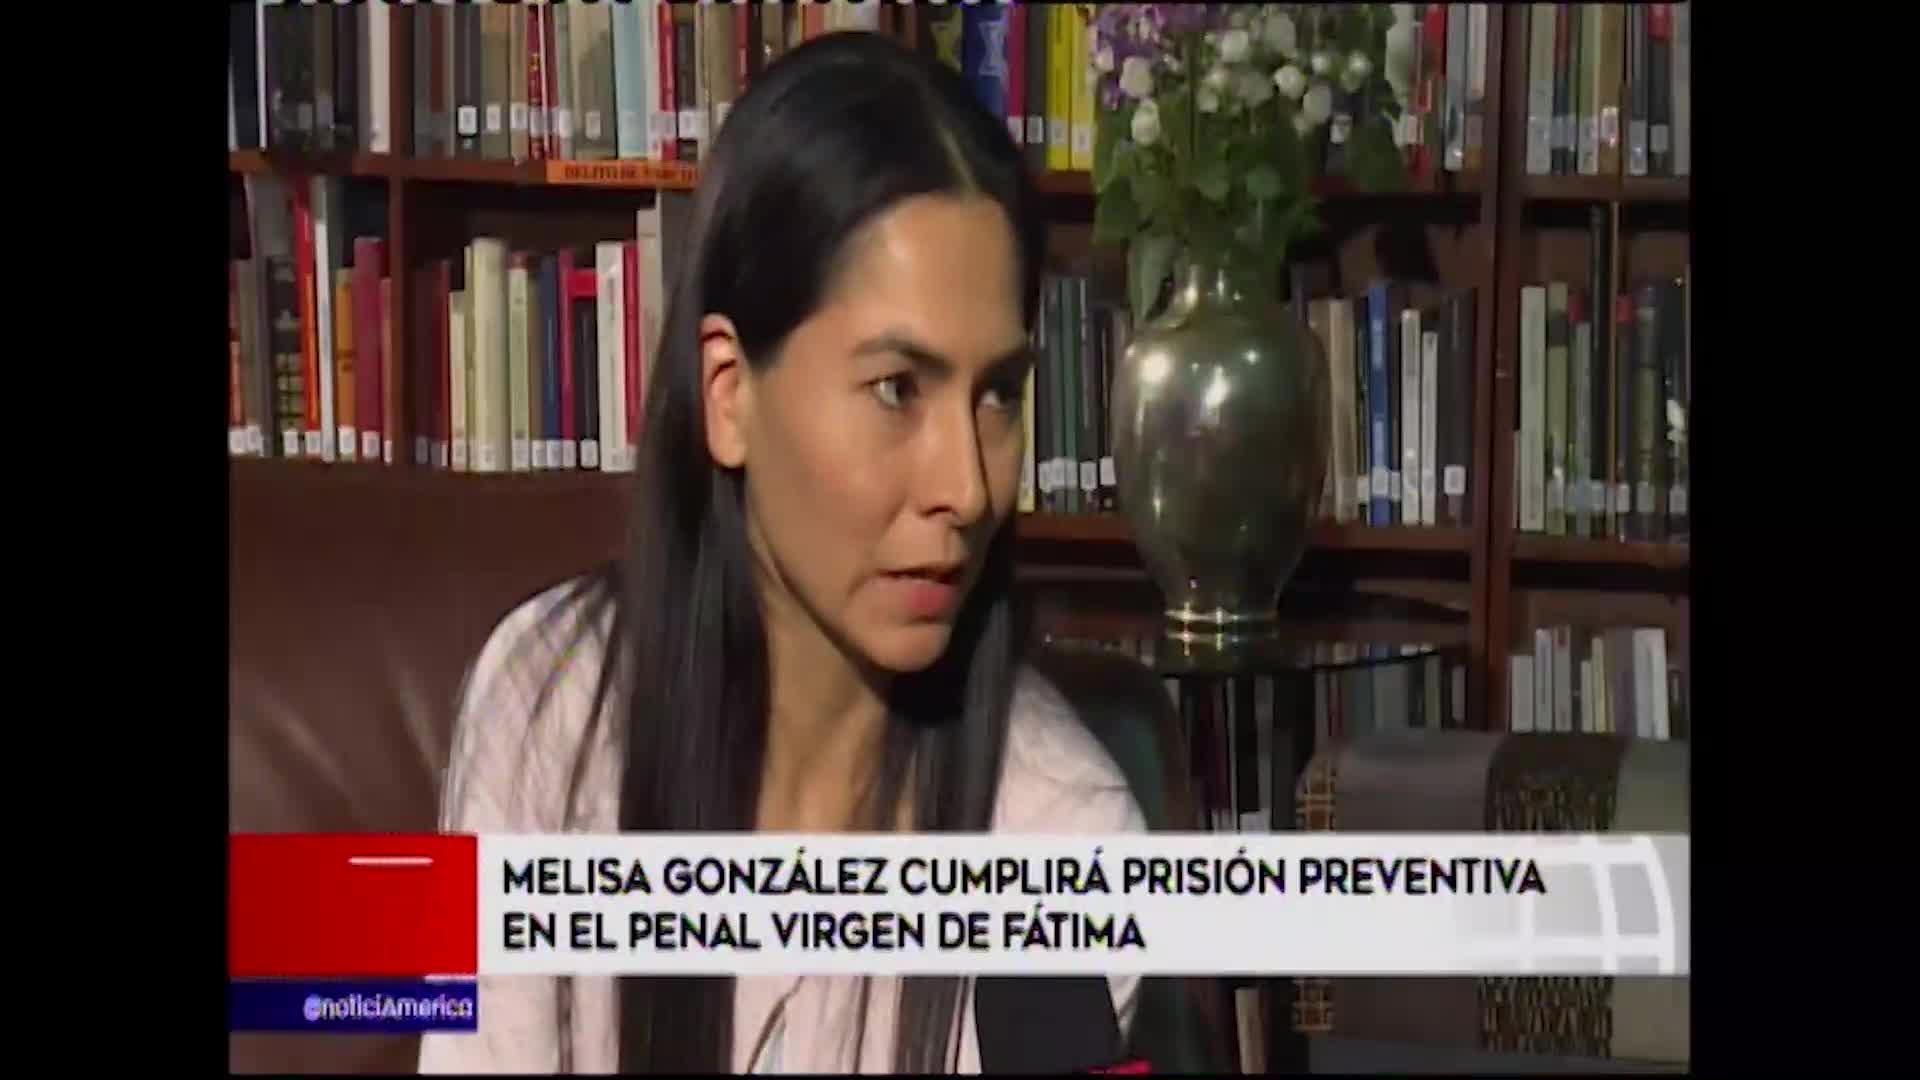 Melisa González fue trasladada al penal Virgen de Fátima donde cumplirá prisión preventiva